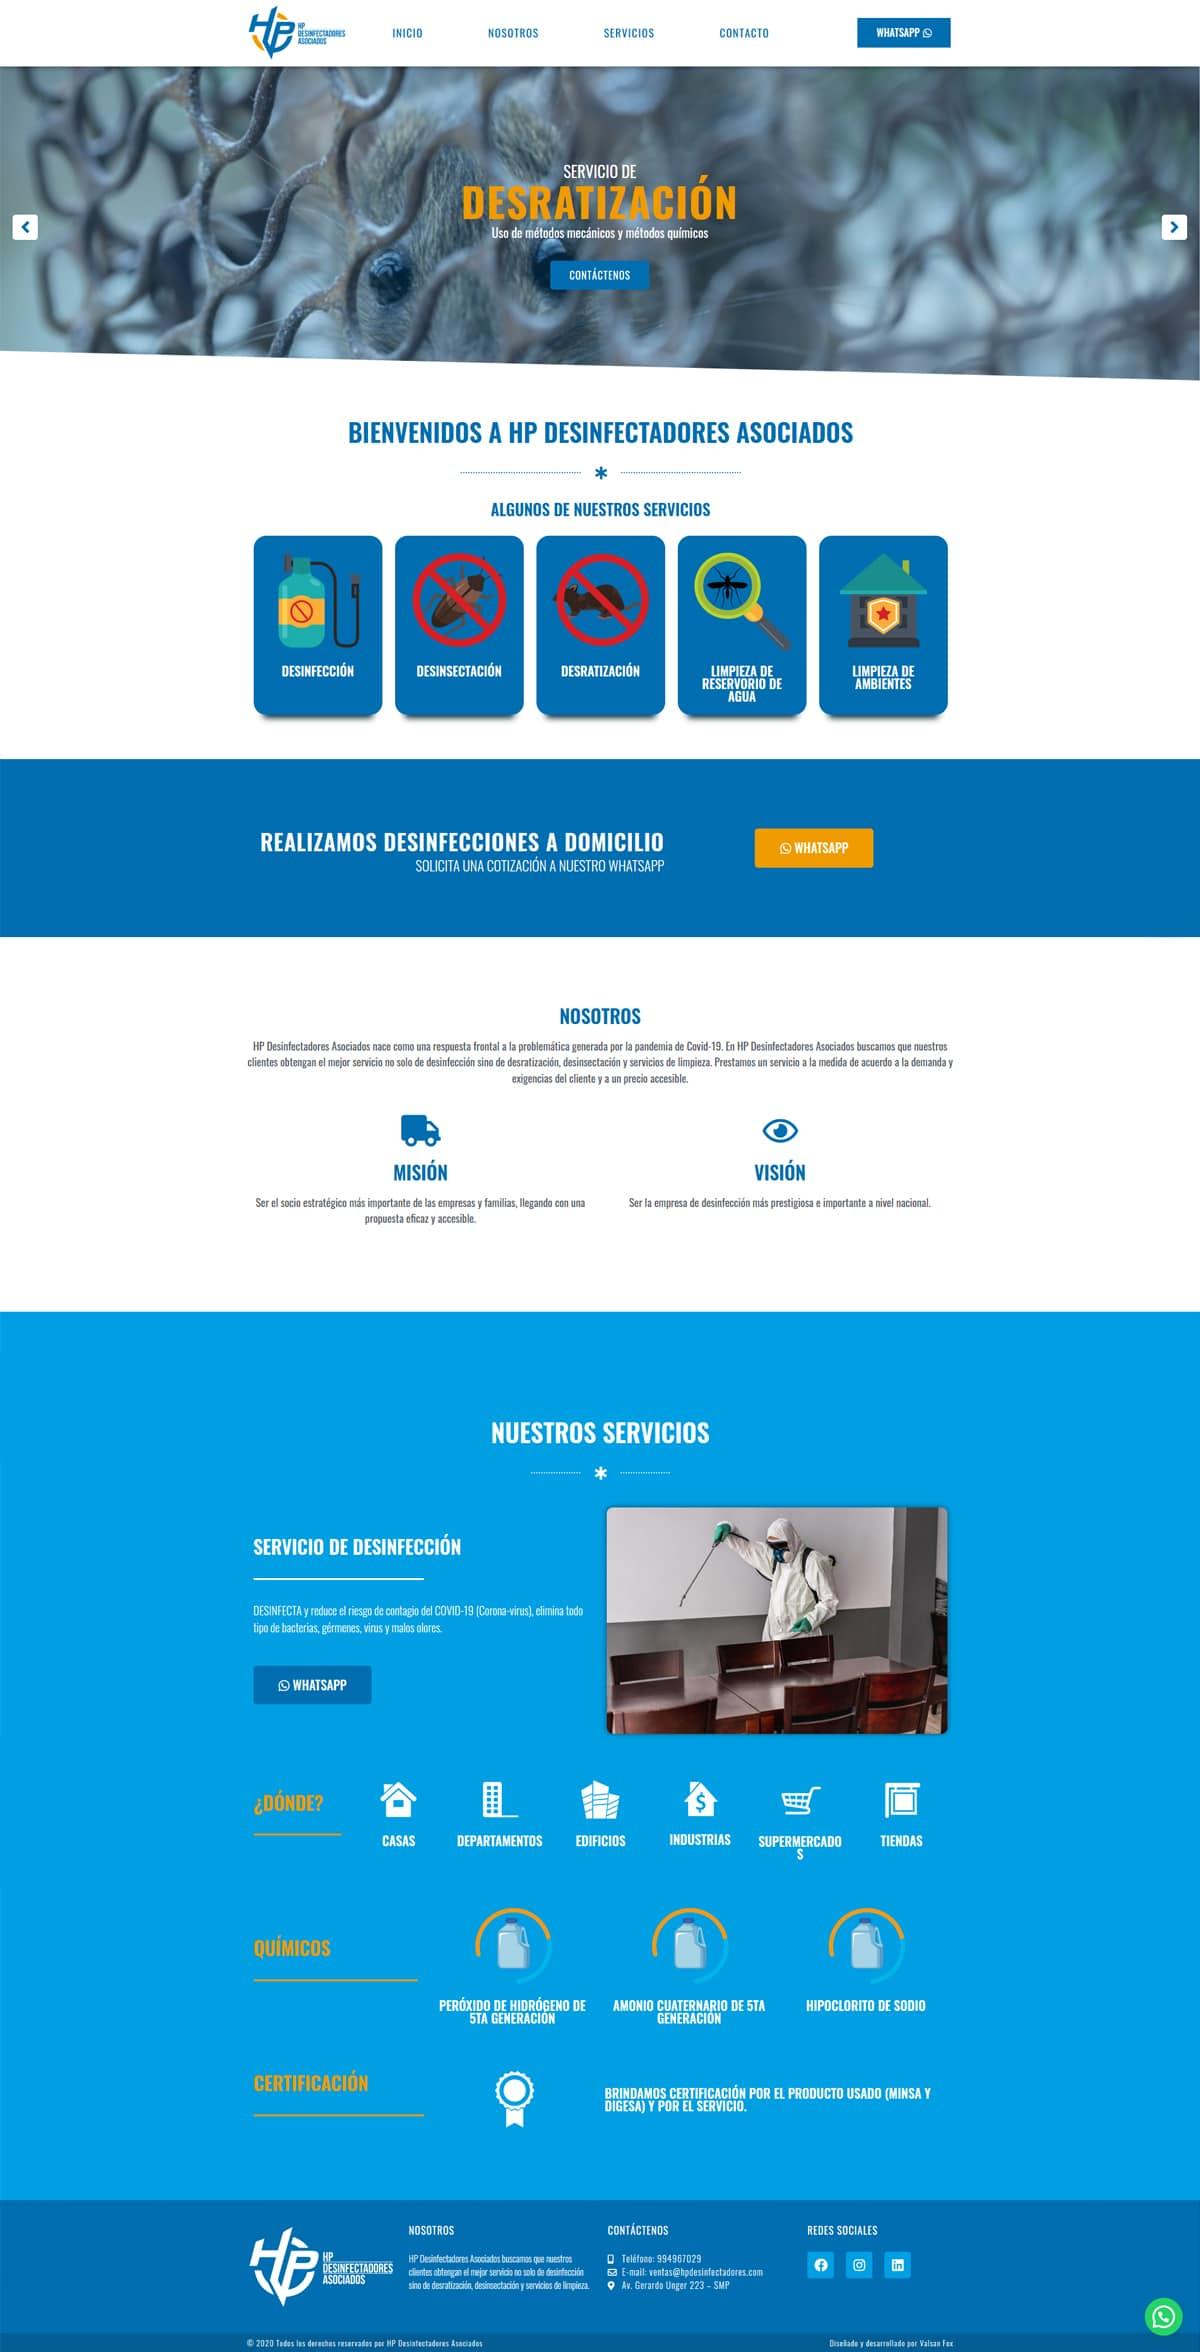 Diseño de página web HP Desinfectadores